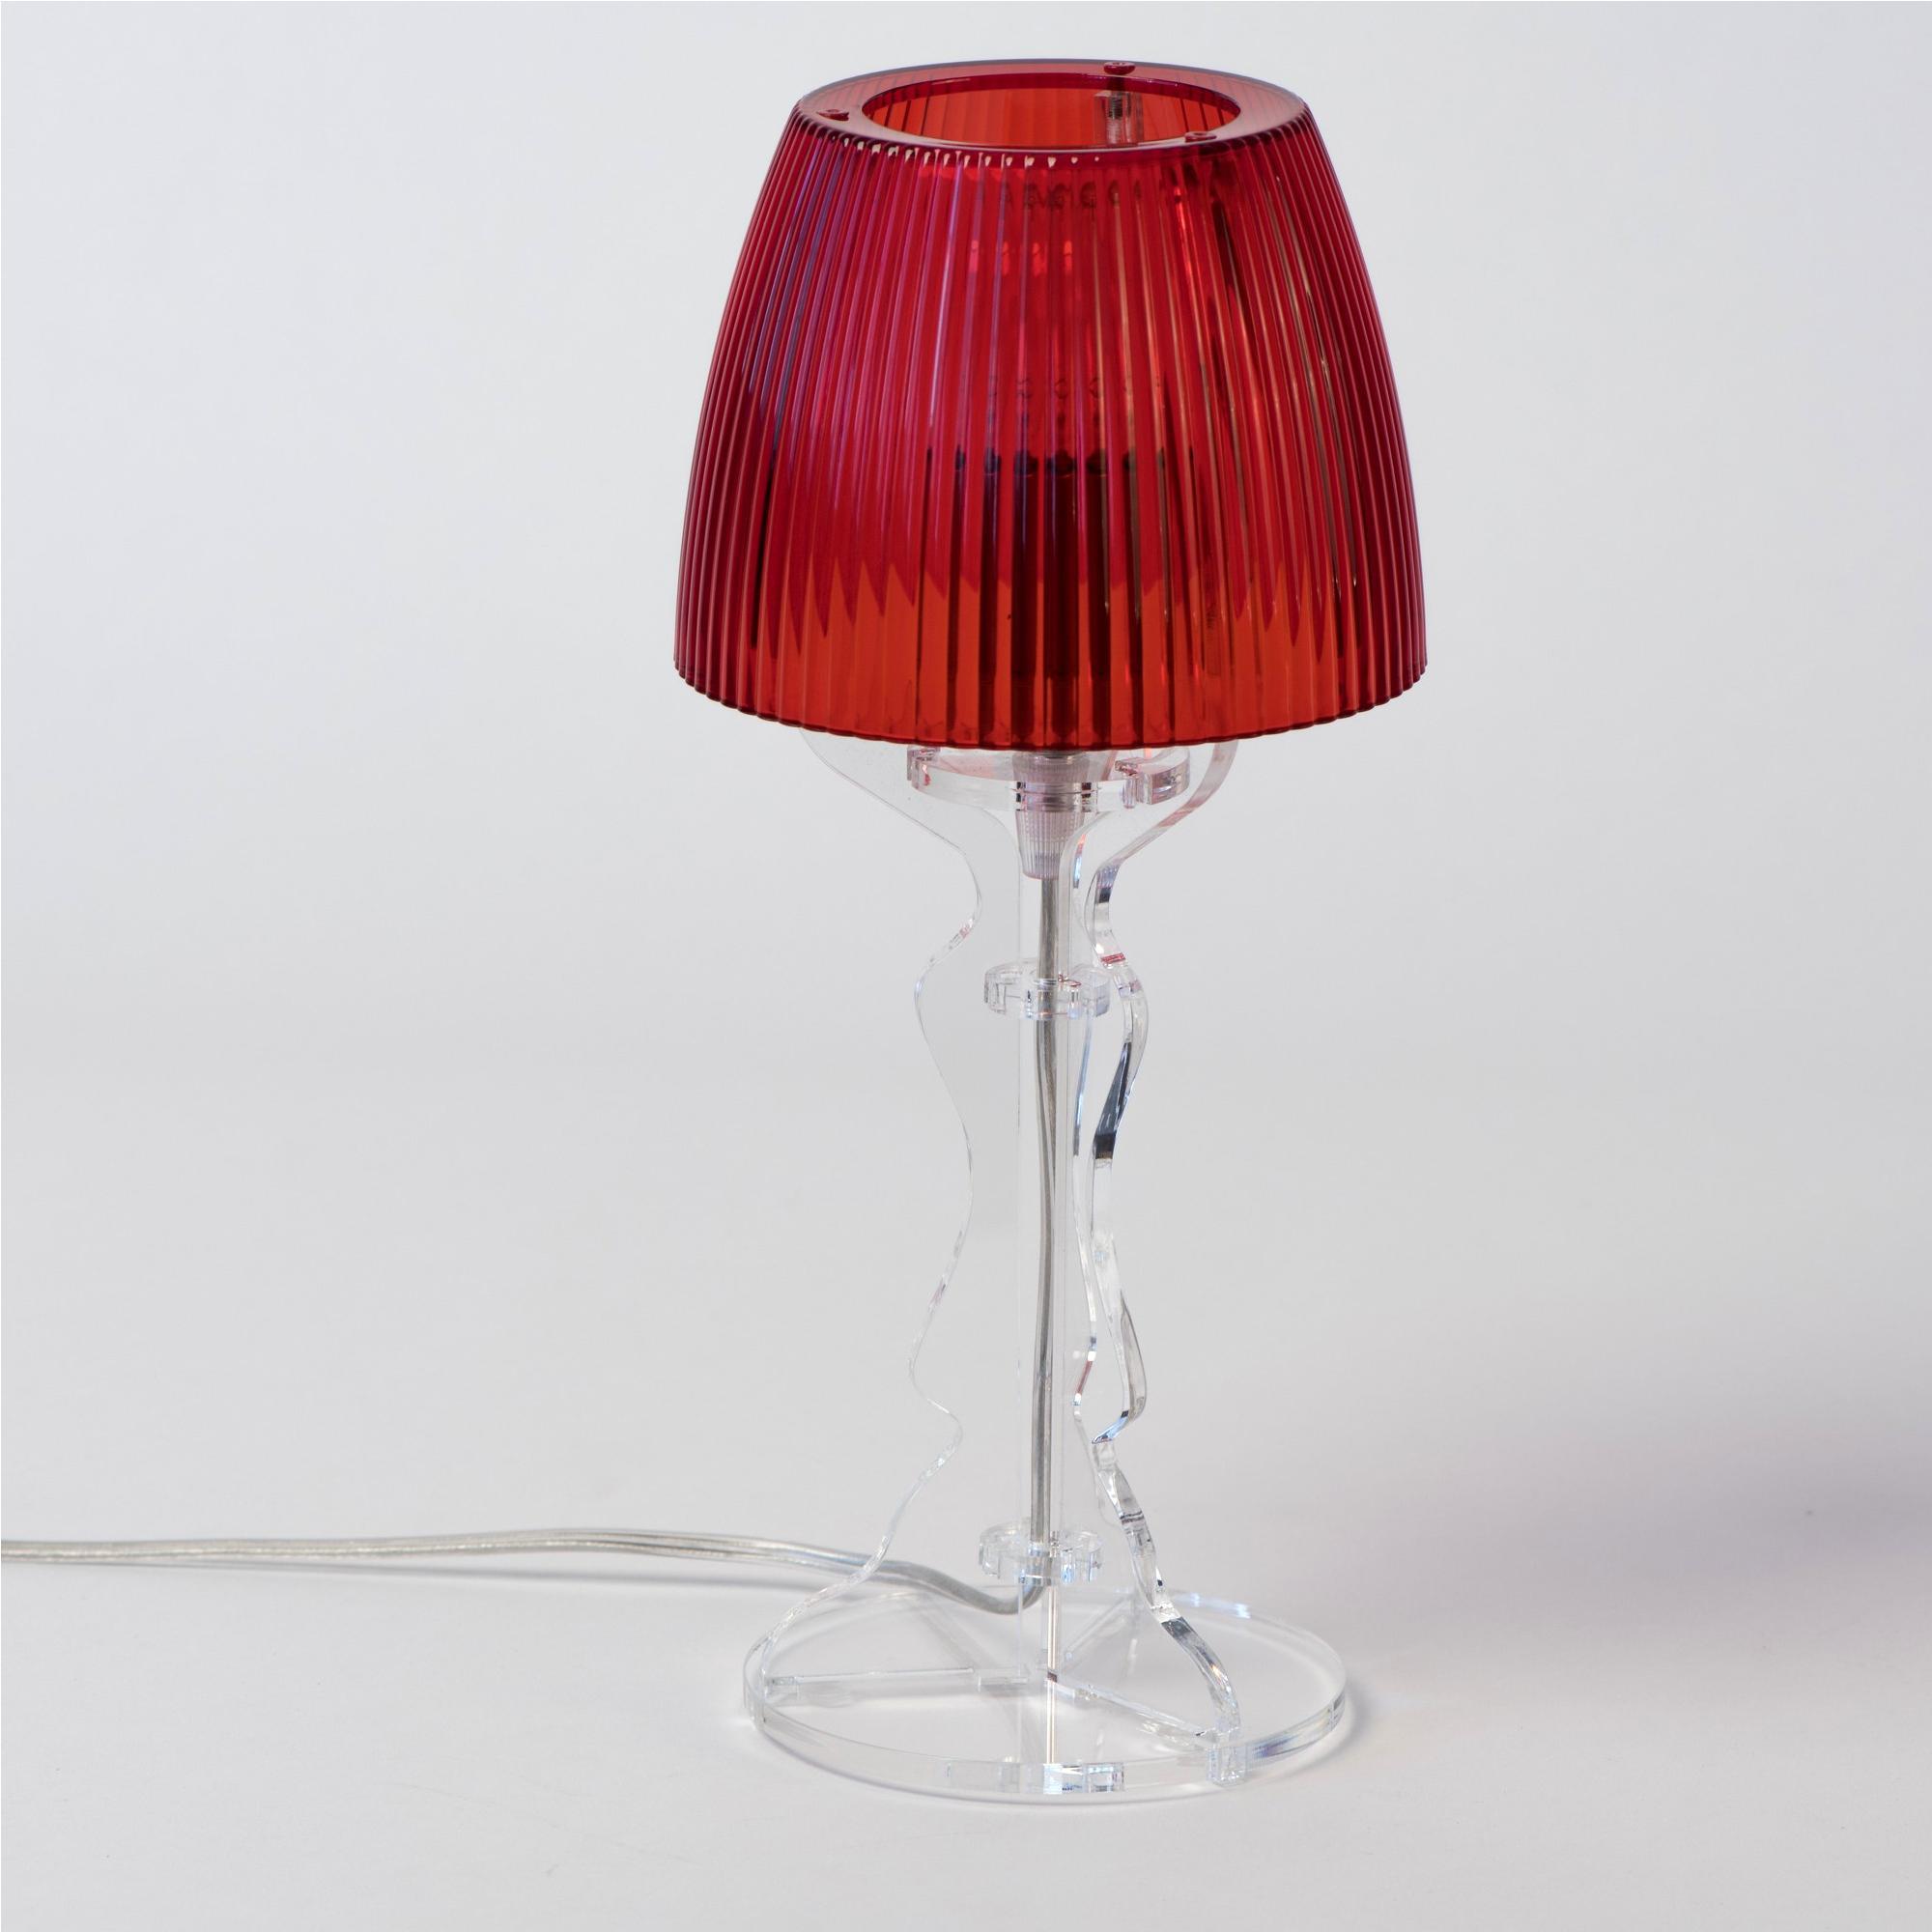 lampada da tavolo abat jour piccola lady diametro 14xh31cm trasparente rosso vesta stilcasa. Black Bedroom Furniture Sets. Home Design Ideas